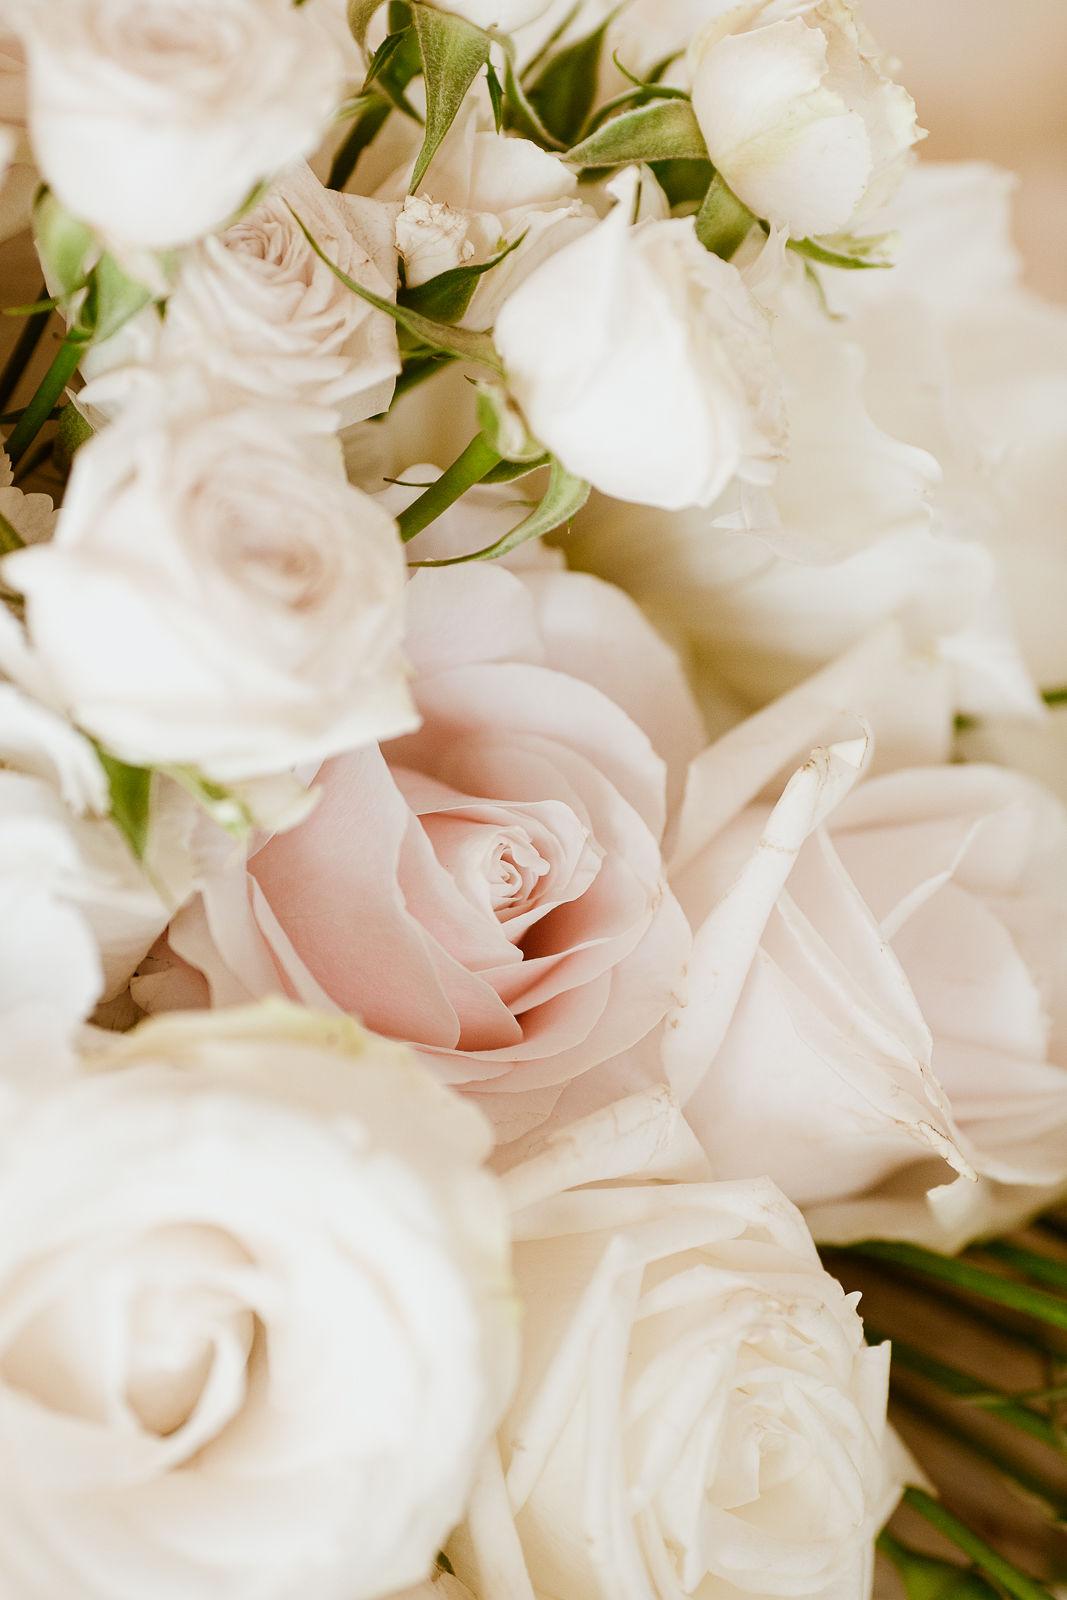 Weiße Rosen – gesehen bei frauimmer-herrewig.de